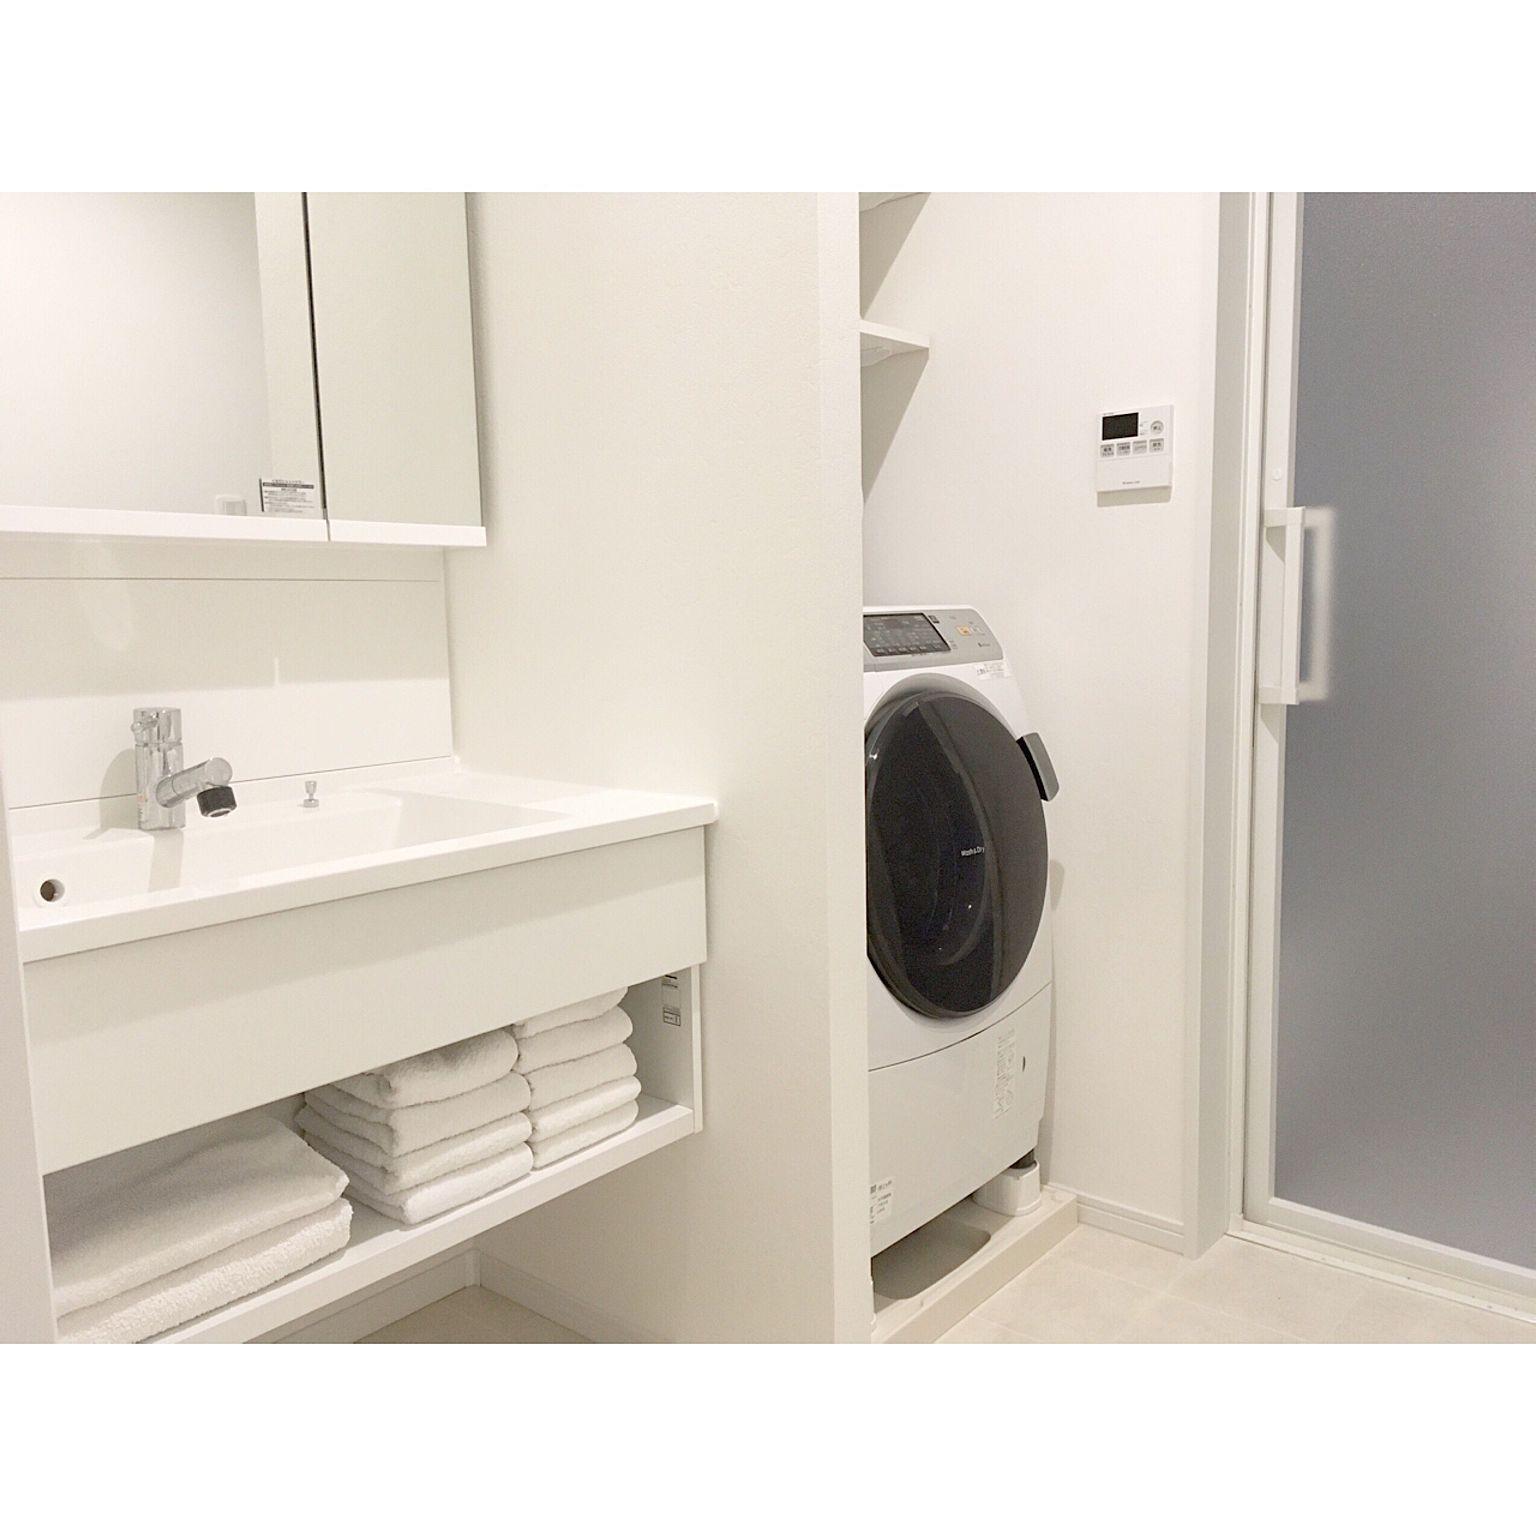 バス トイレ ドラム式洗濯機 袖壁 ホテルライク 洗面台 などのインテリア実例 2017 12 04 02 08 07 Roomclip ルームクリップ 洗面台 現代的なバスルーム ドラム式洗濯機